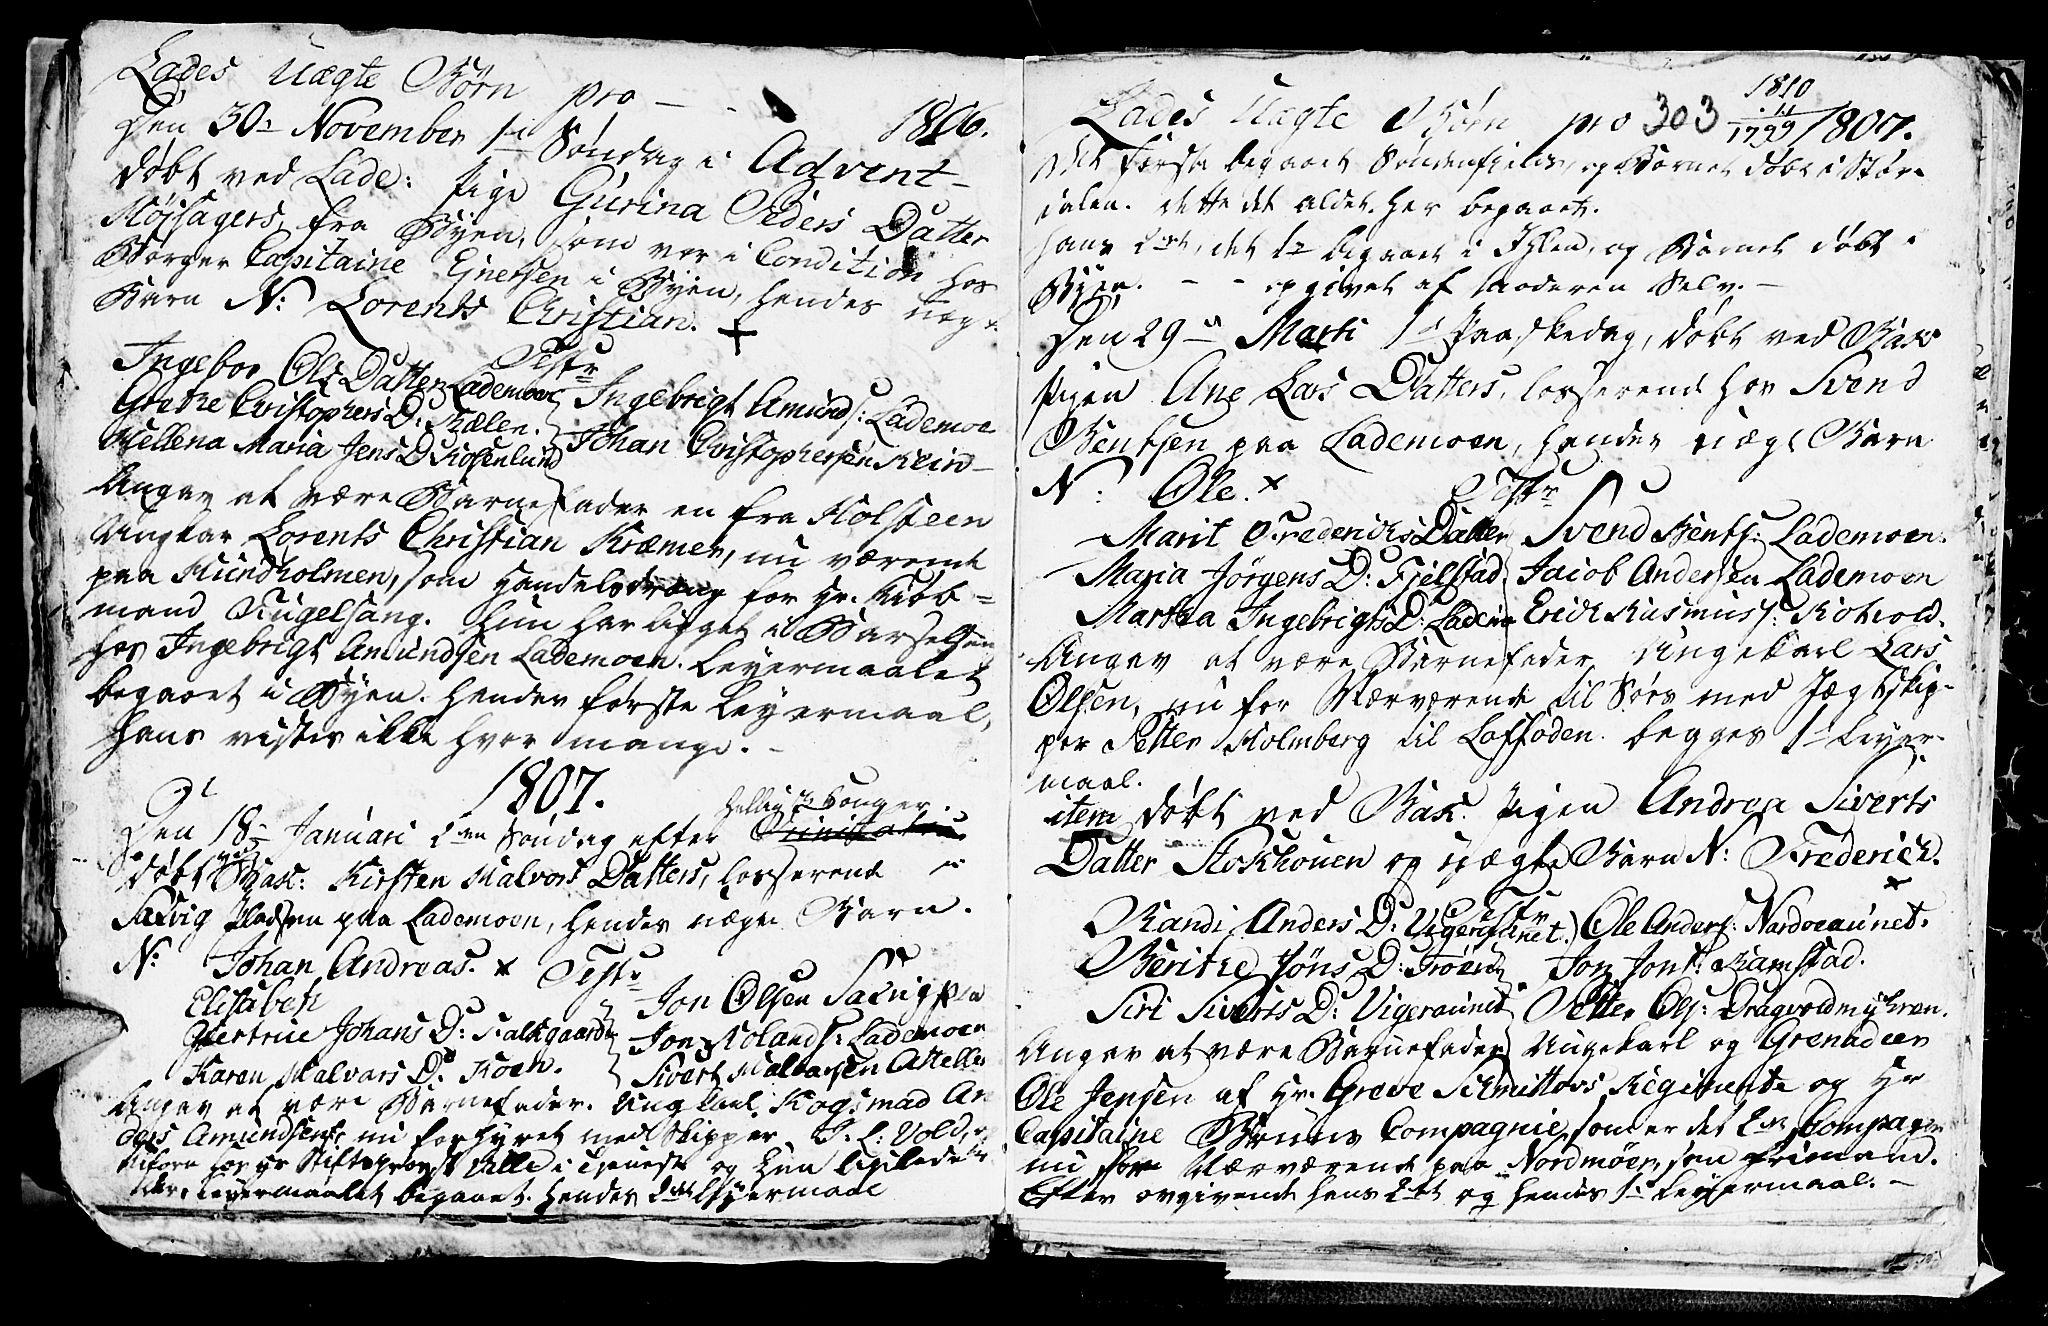 SAT, Ministerialprotokoller, klokkerbøker og fødselsregistre - Sør-Trøndelag, 606/L0305: Klokkerbok nr. 606C01, 1757-1819, s. 303